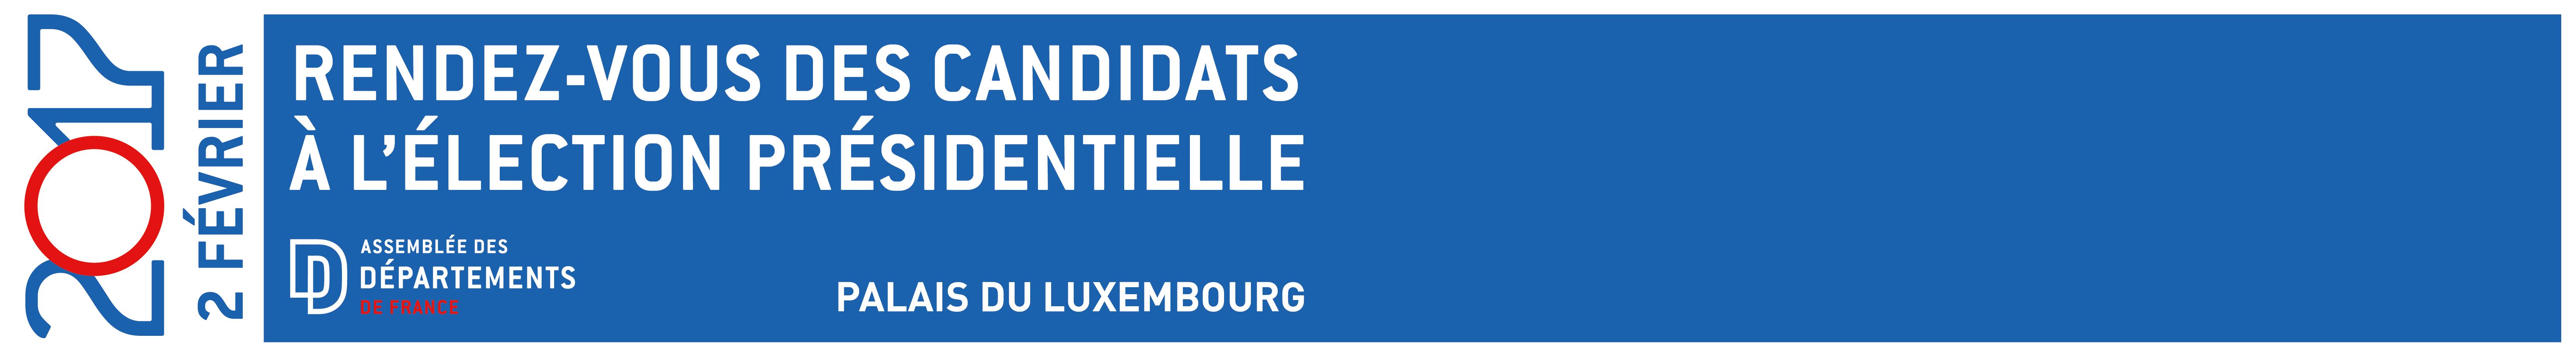 Élection présidentielle : L'ADF donne rdv aux candidats le 2 février 2017